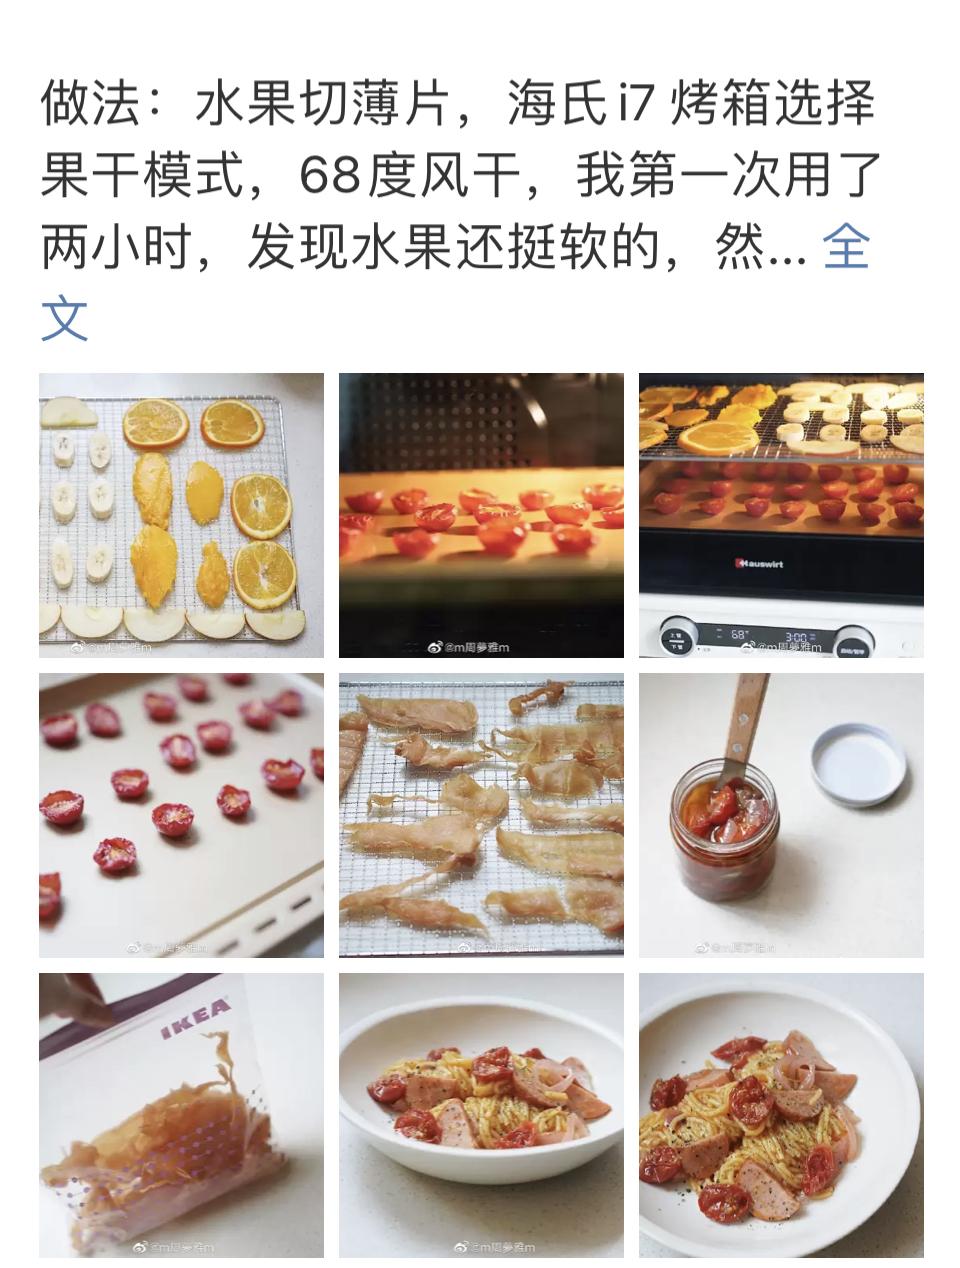 图6 来自微博账号m周夢雅m,周梦雅摄.jpg